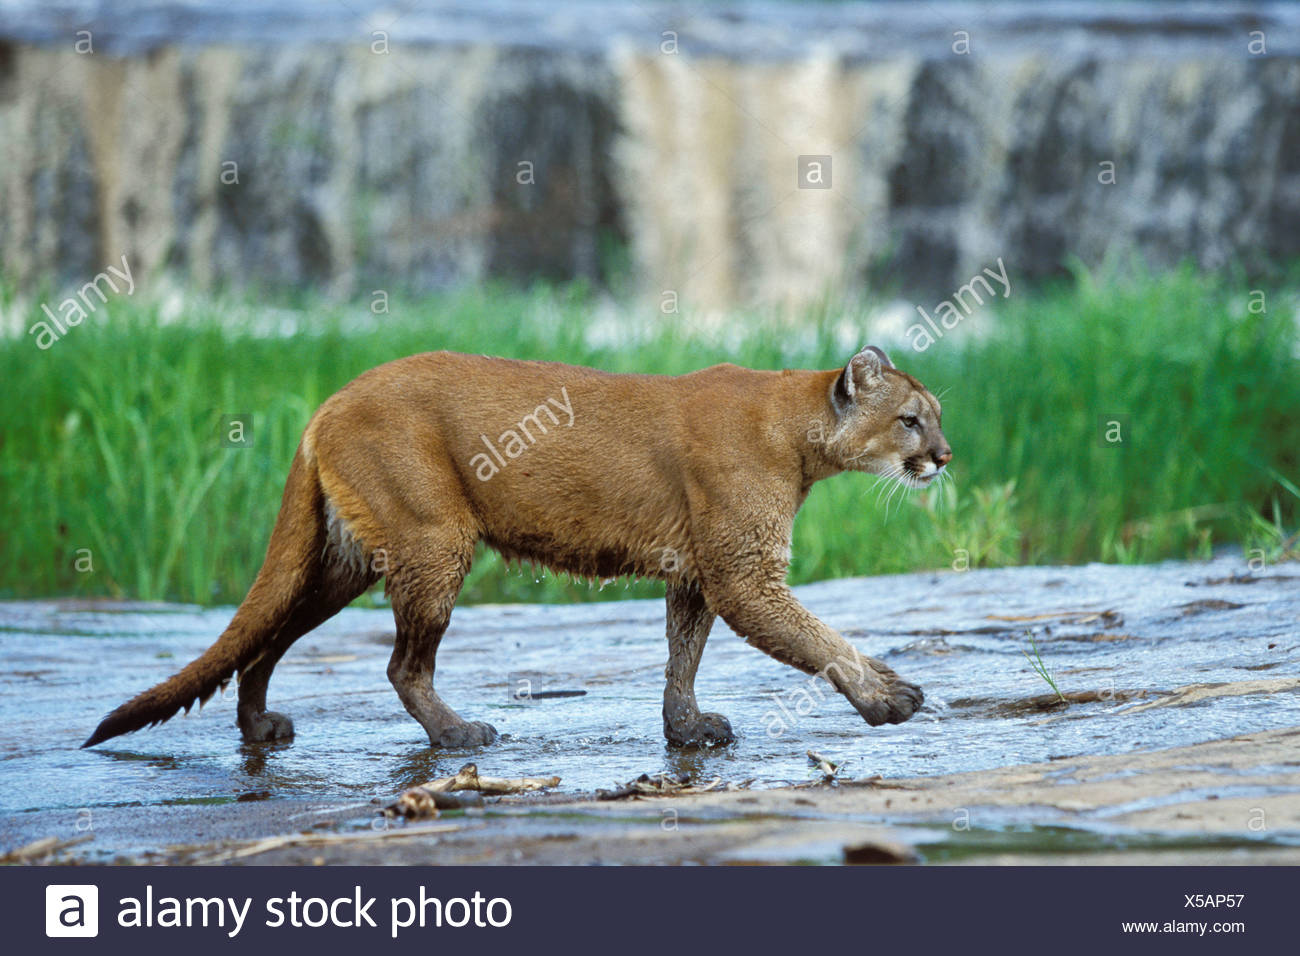 Puma, Puma (Puma Concolor) am Wasserfall, Rocky Mountains, Colorado, Nordamerika Stockbild